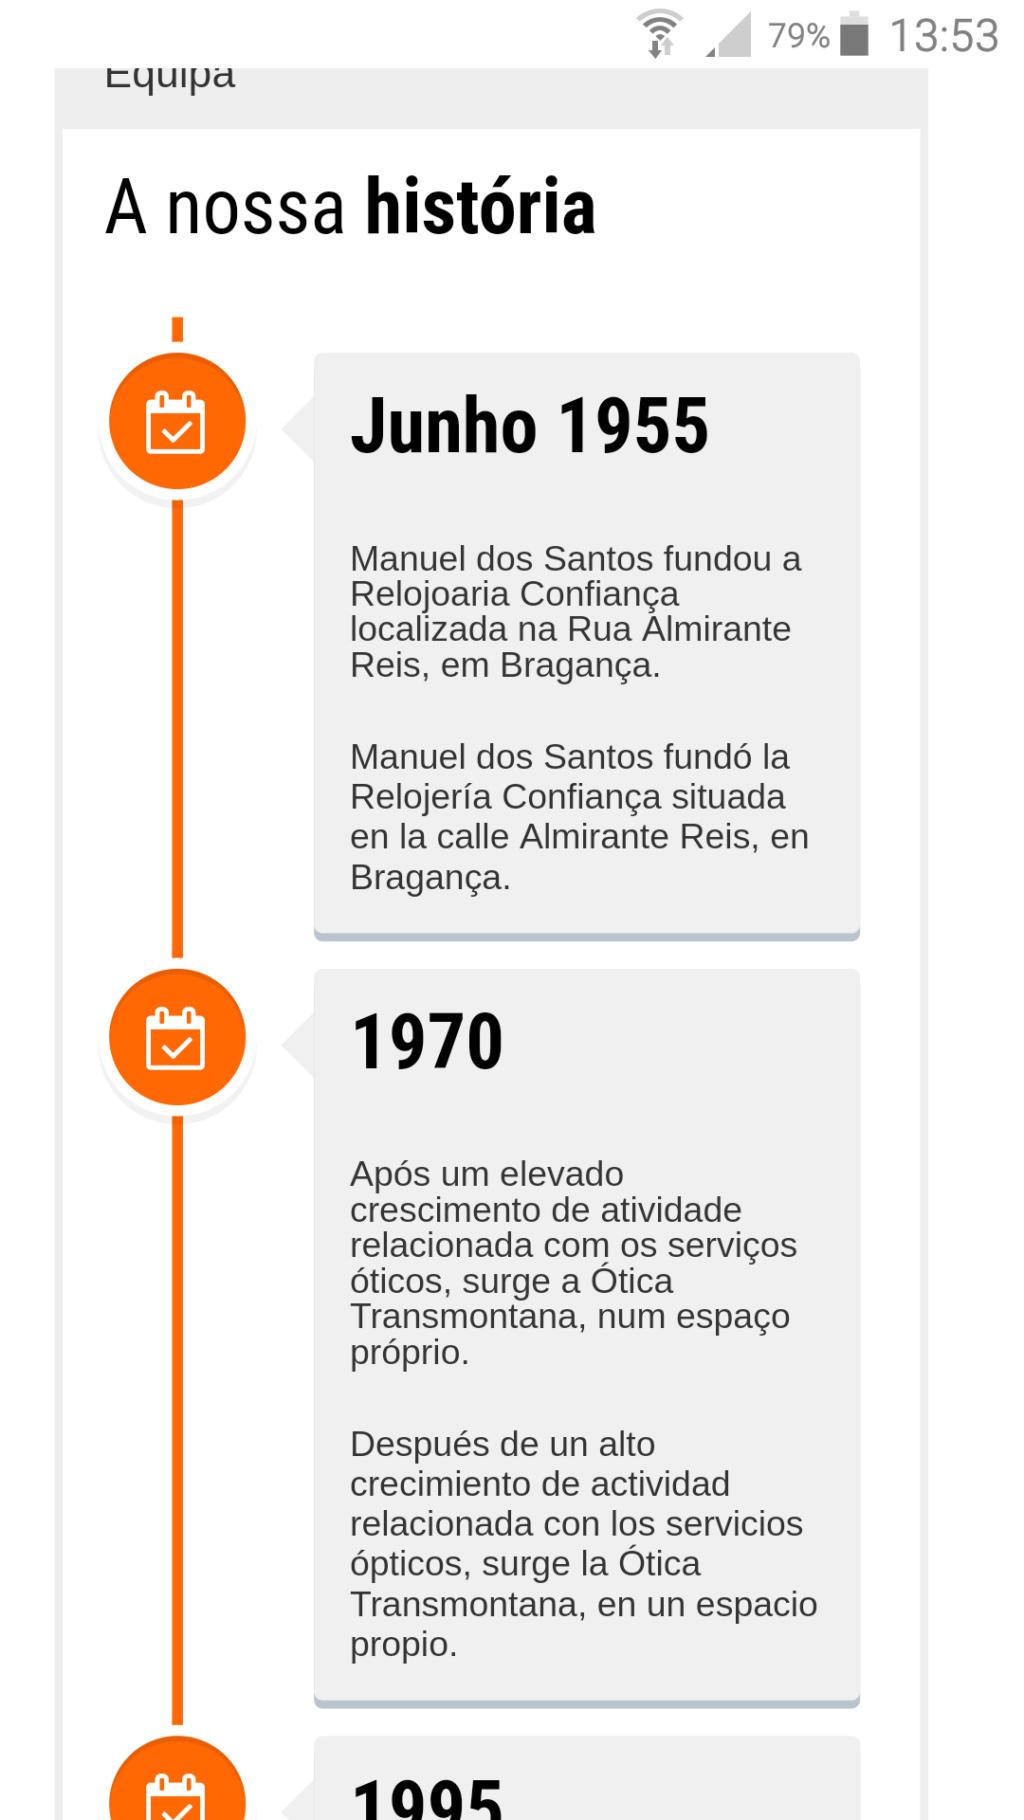 Relogio Rialto Relojoaria Confianca - Informação? Screen10